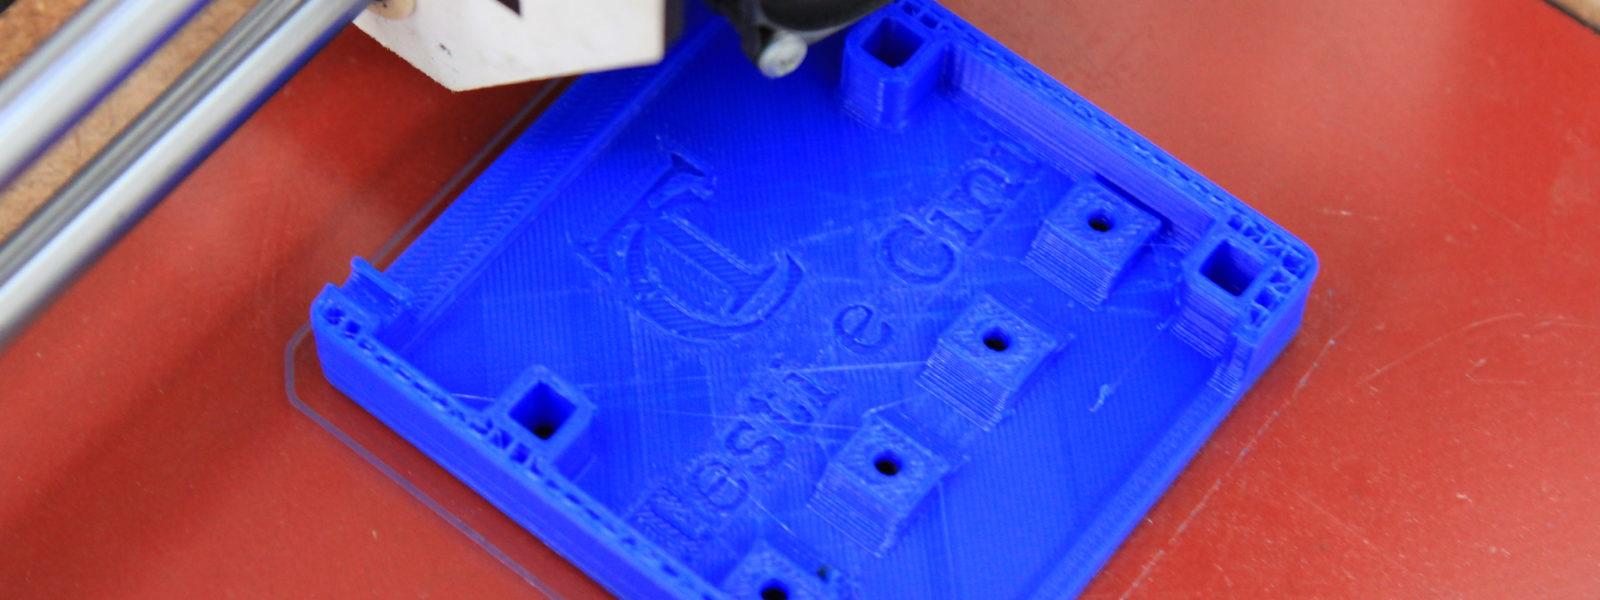 Protipazione 3D